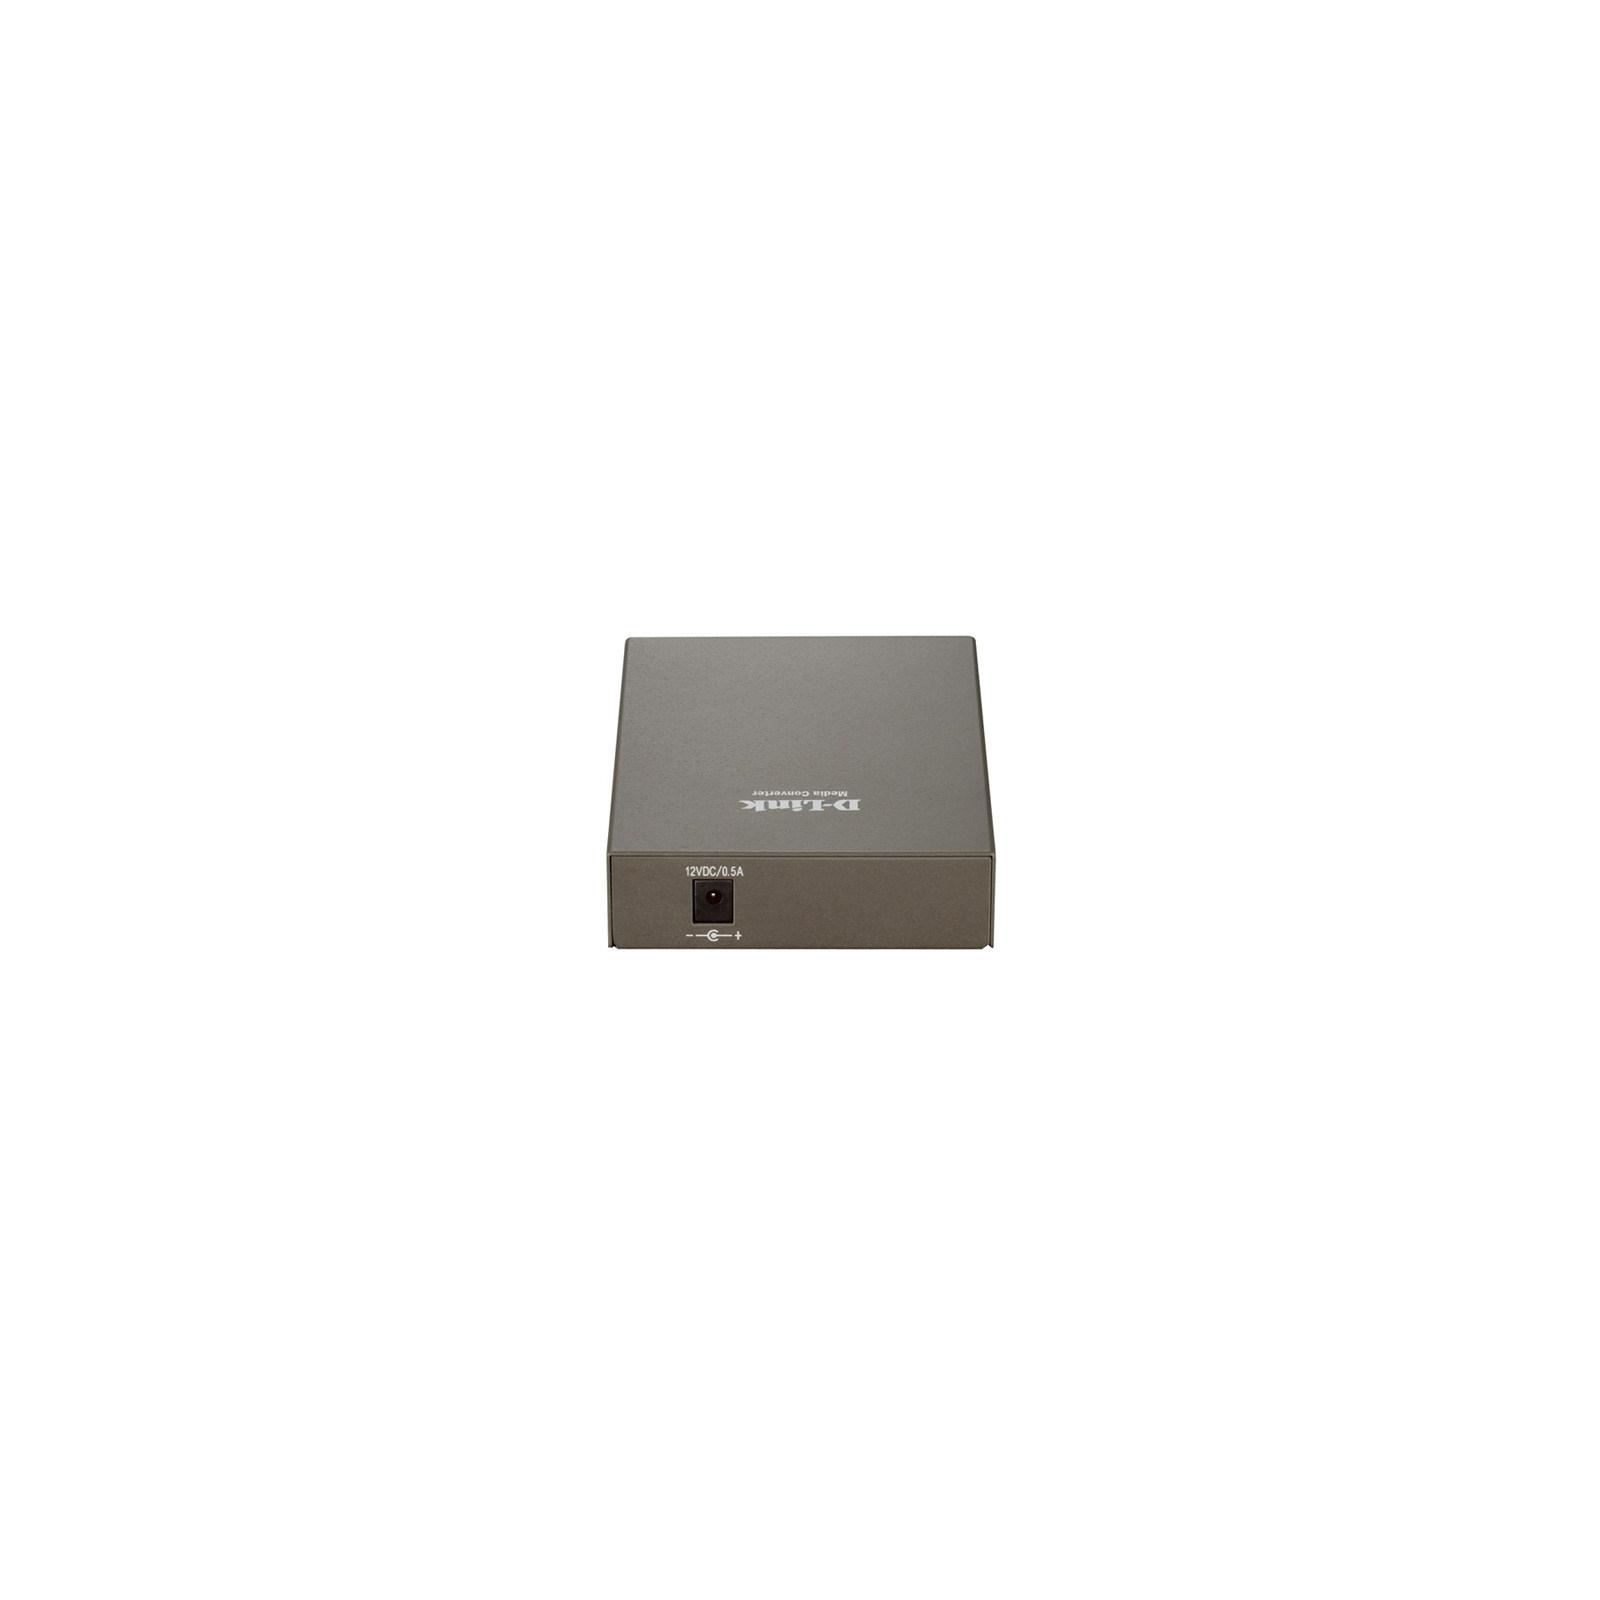 Модуль D-Link DMC-805X изображение 2